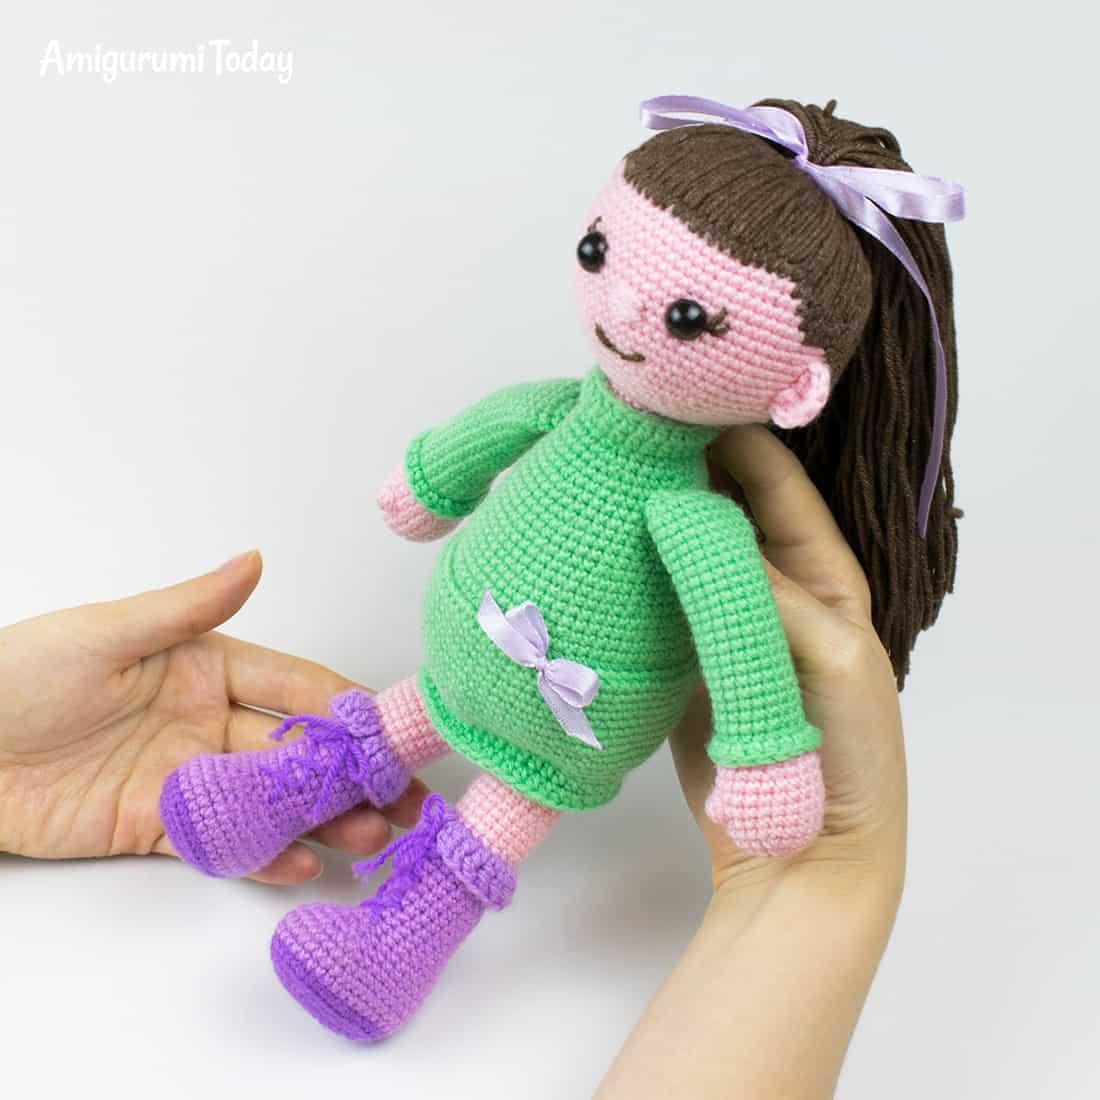 Lulu doll free amigurumi free pattern schemi gratis amigurumi amigurumi free download